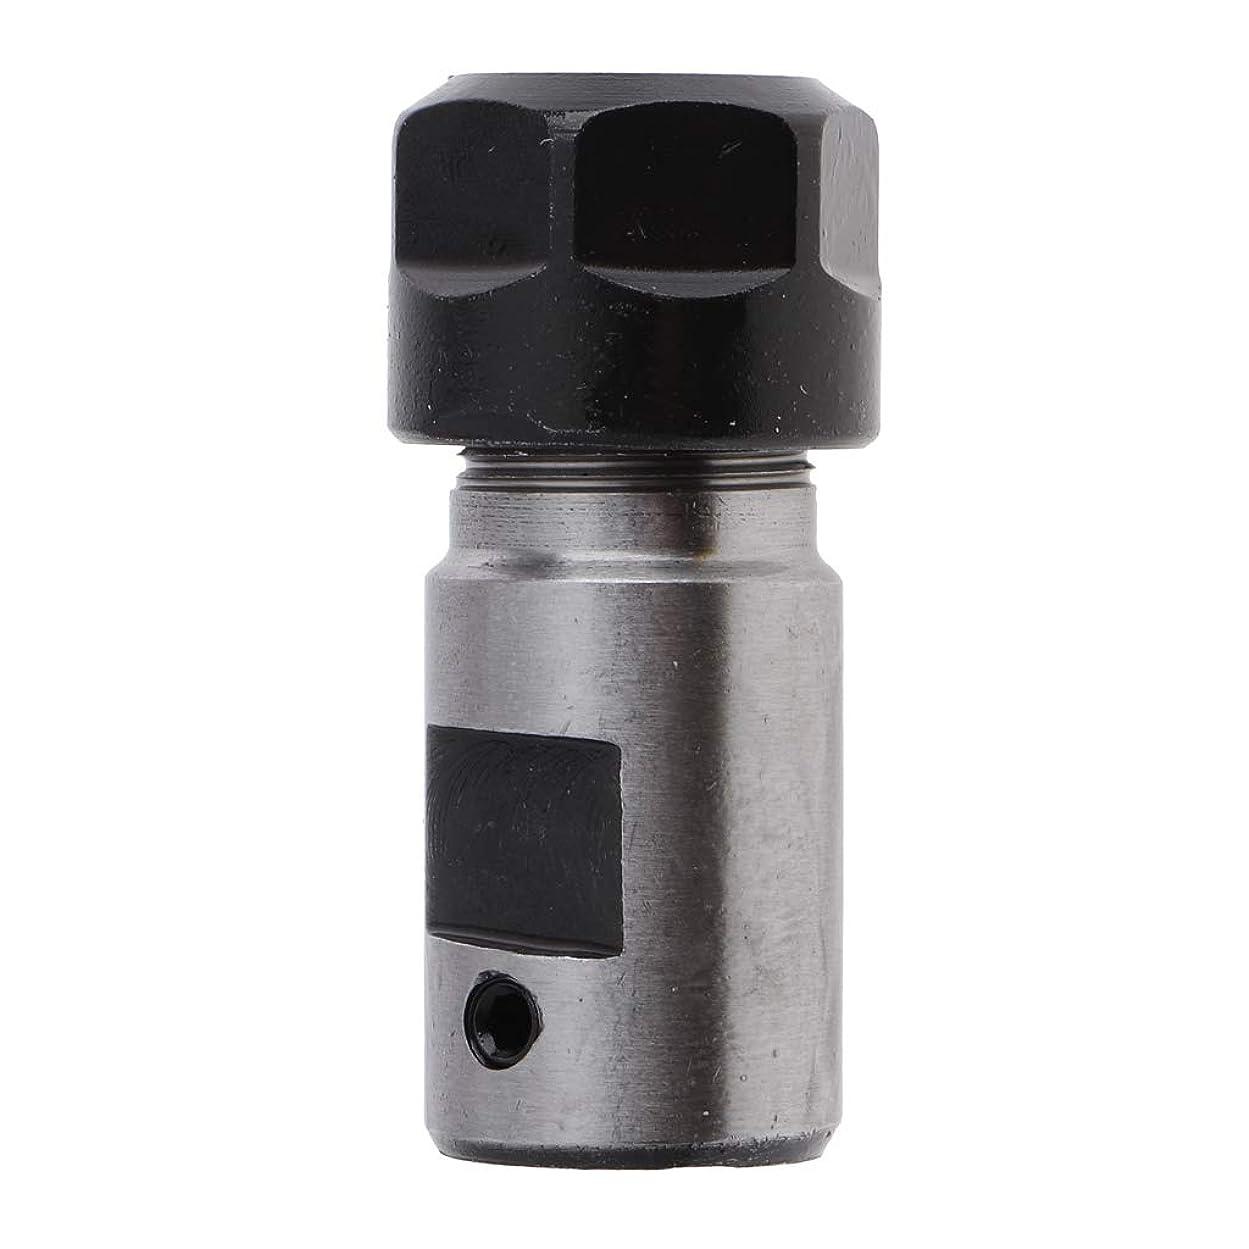 控えめなシンプルな香ばしいGeneric 7個セット ER11 スプリングコレット 5mm 延長ロッドホルダー CNC フライス盤工具